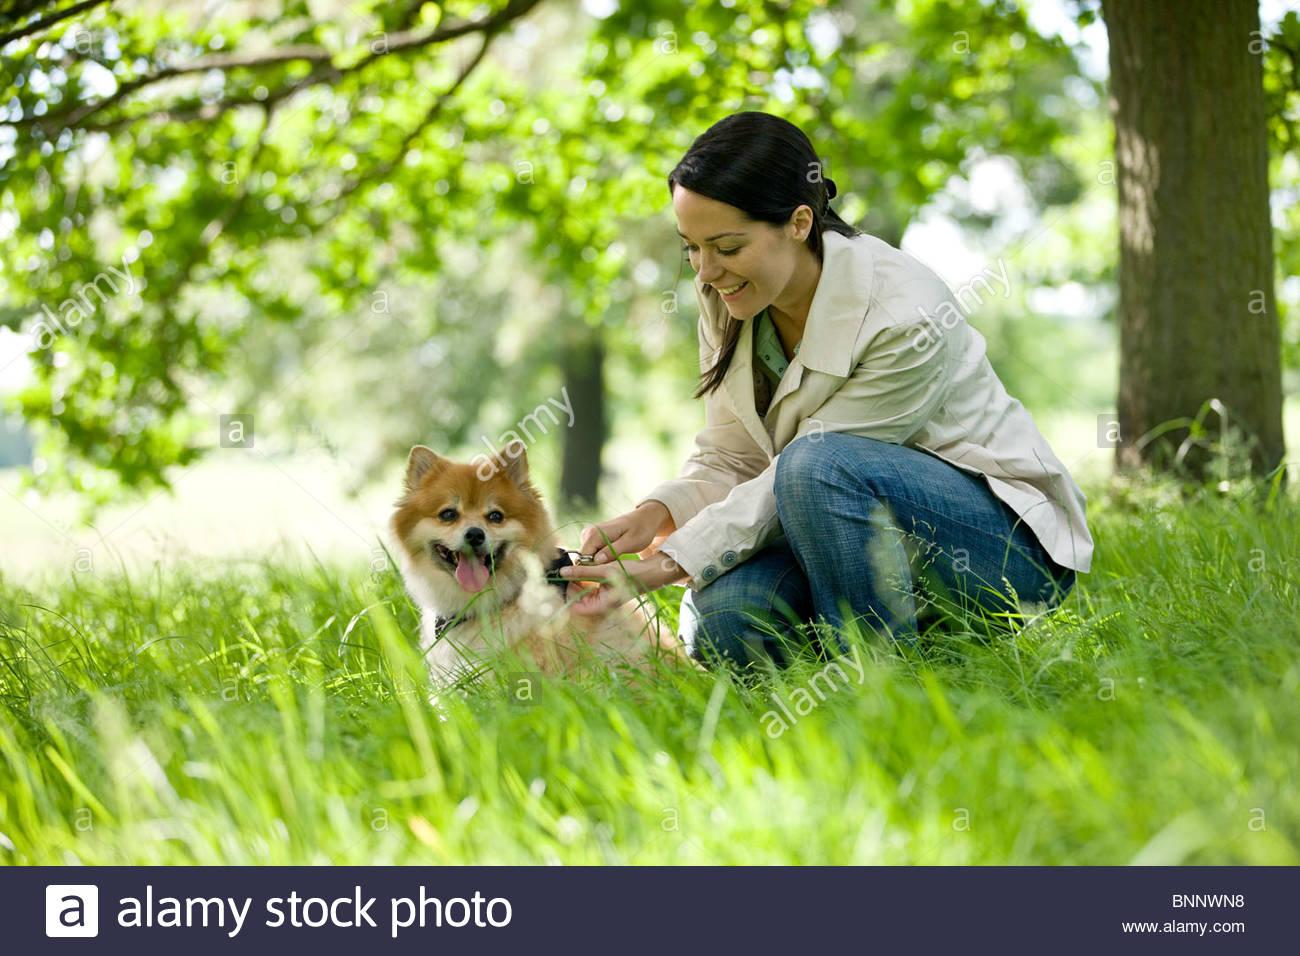 Una joven mujer dejar a su perro fuera de su lugar Imagen De Stock